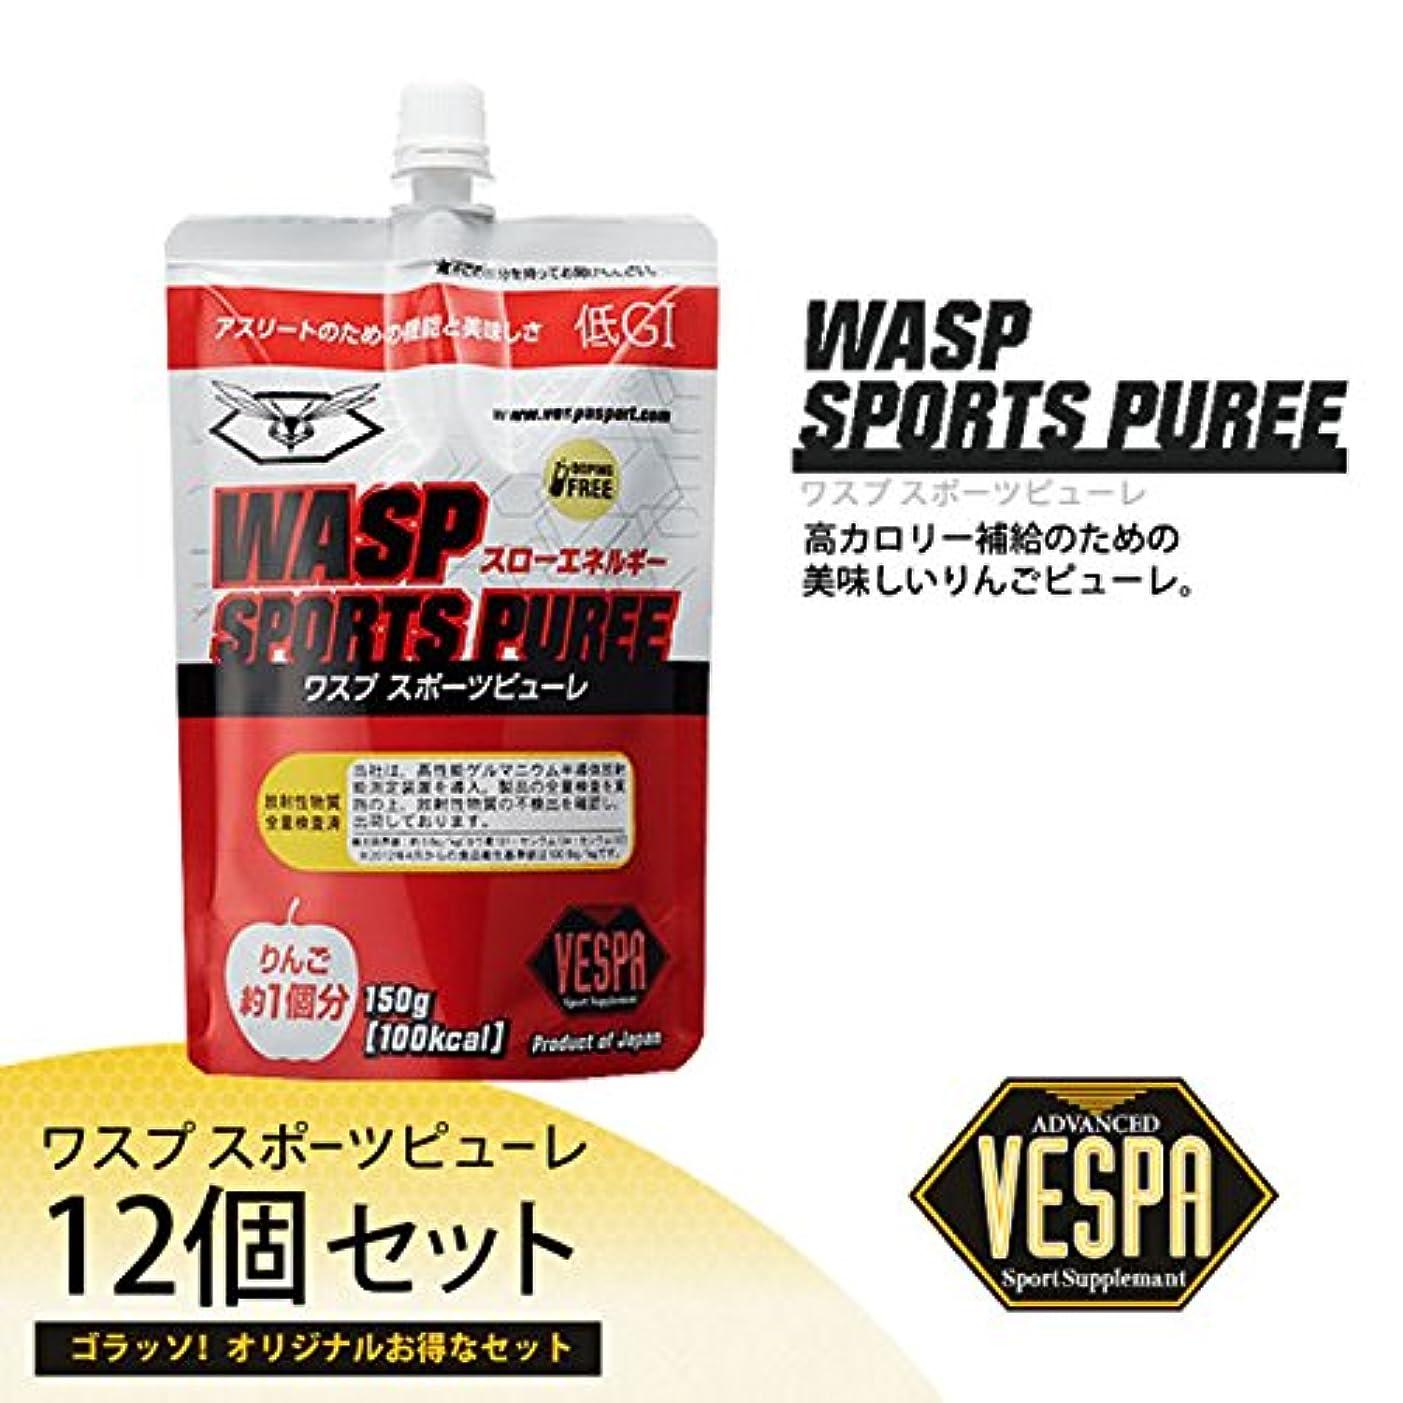 蘇生するずるい共和国VESPA(べスパ) WASP SPORTS PUREE(ワスプ スポーツピューレ) 150ml ×12個